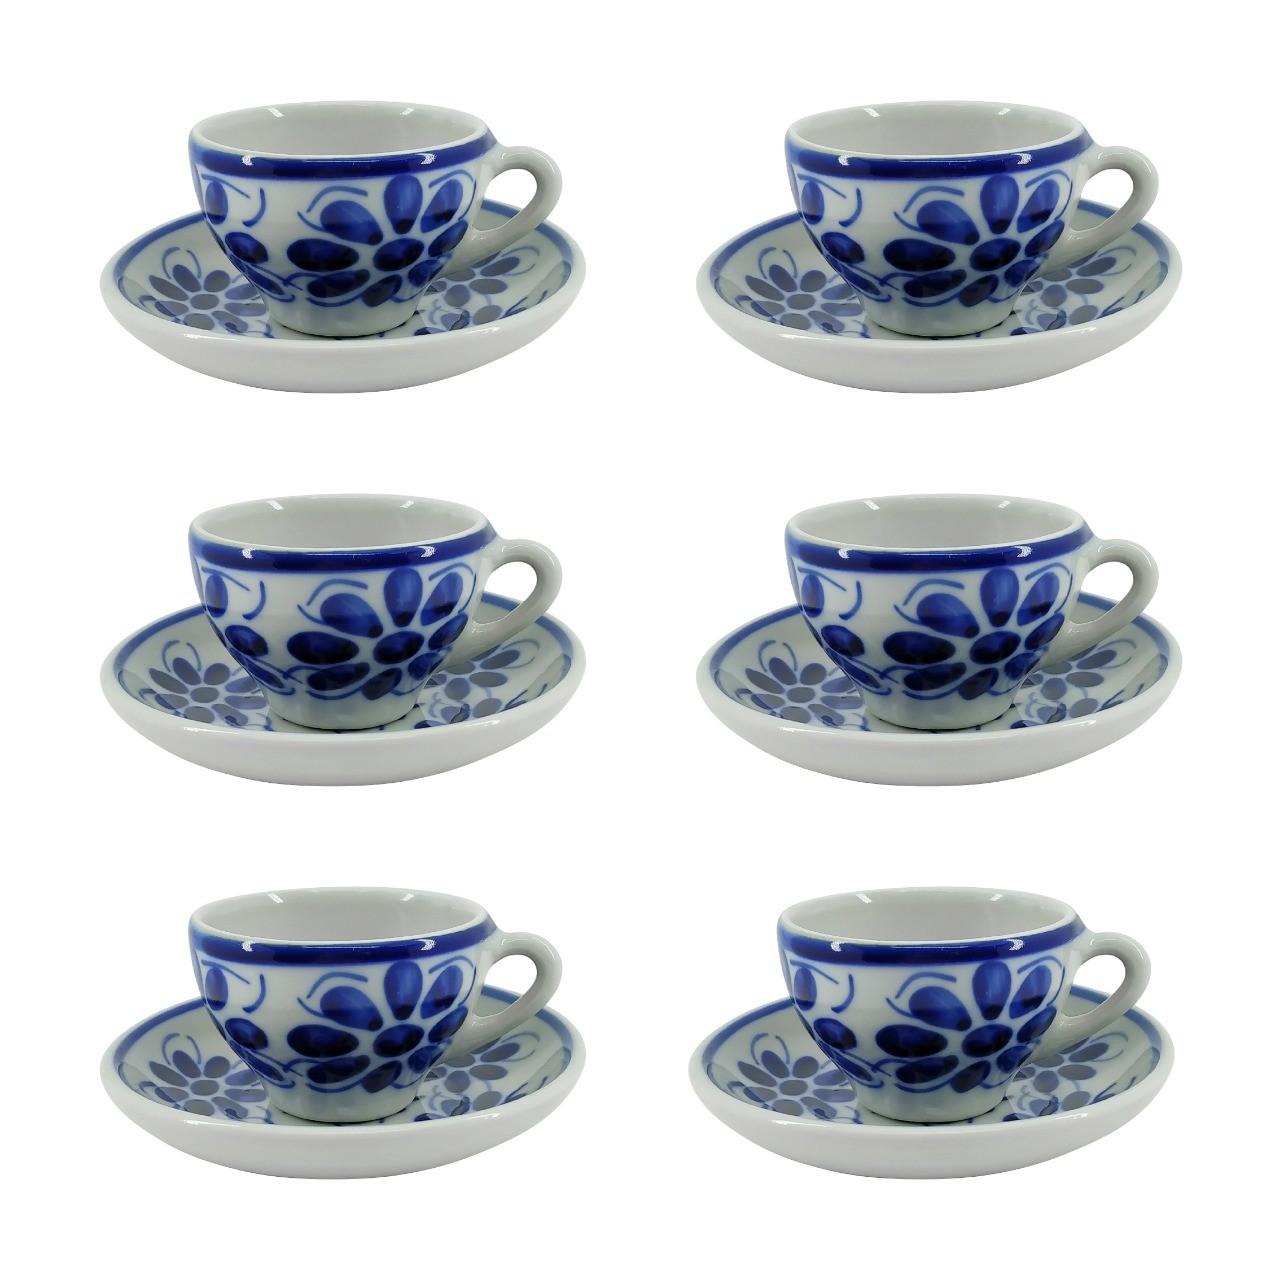 Jogo de 6 Xícaras de Chá e Pires em Porcelana Azul Vintage 120 ml